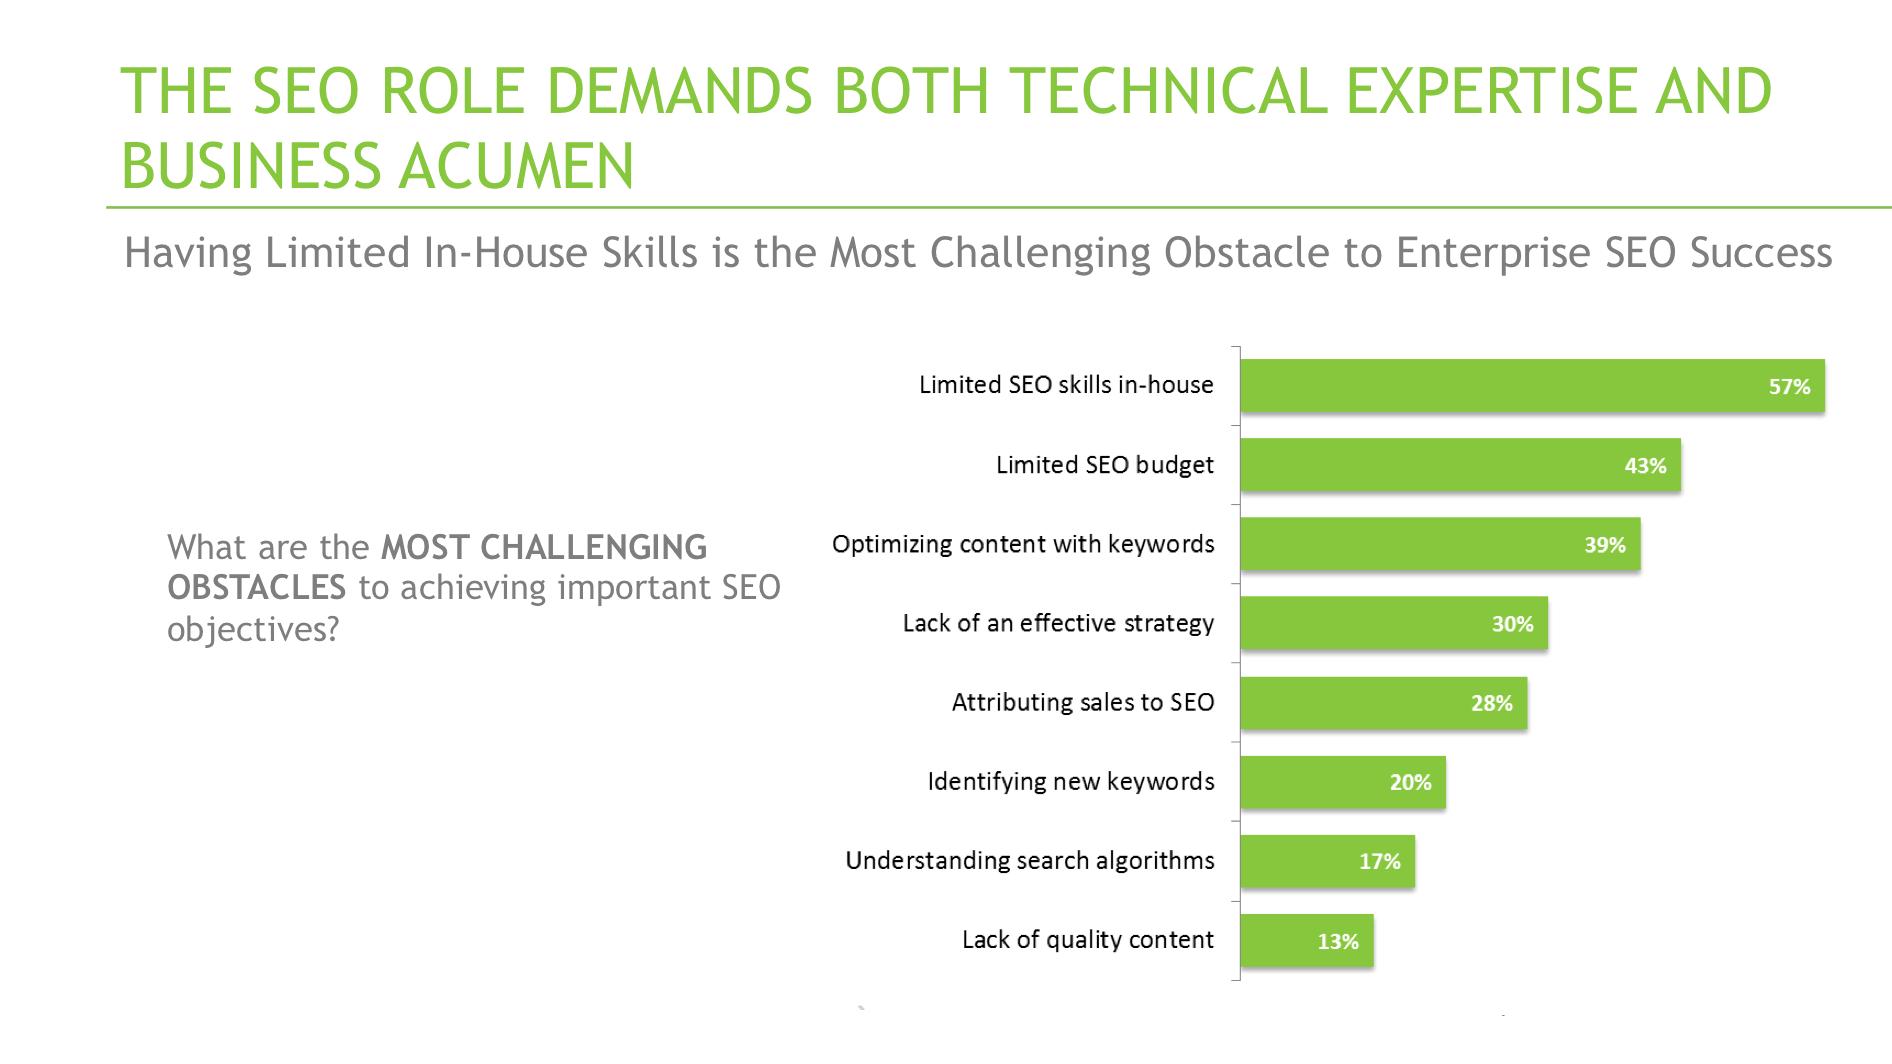 enterprise seo challenges